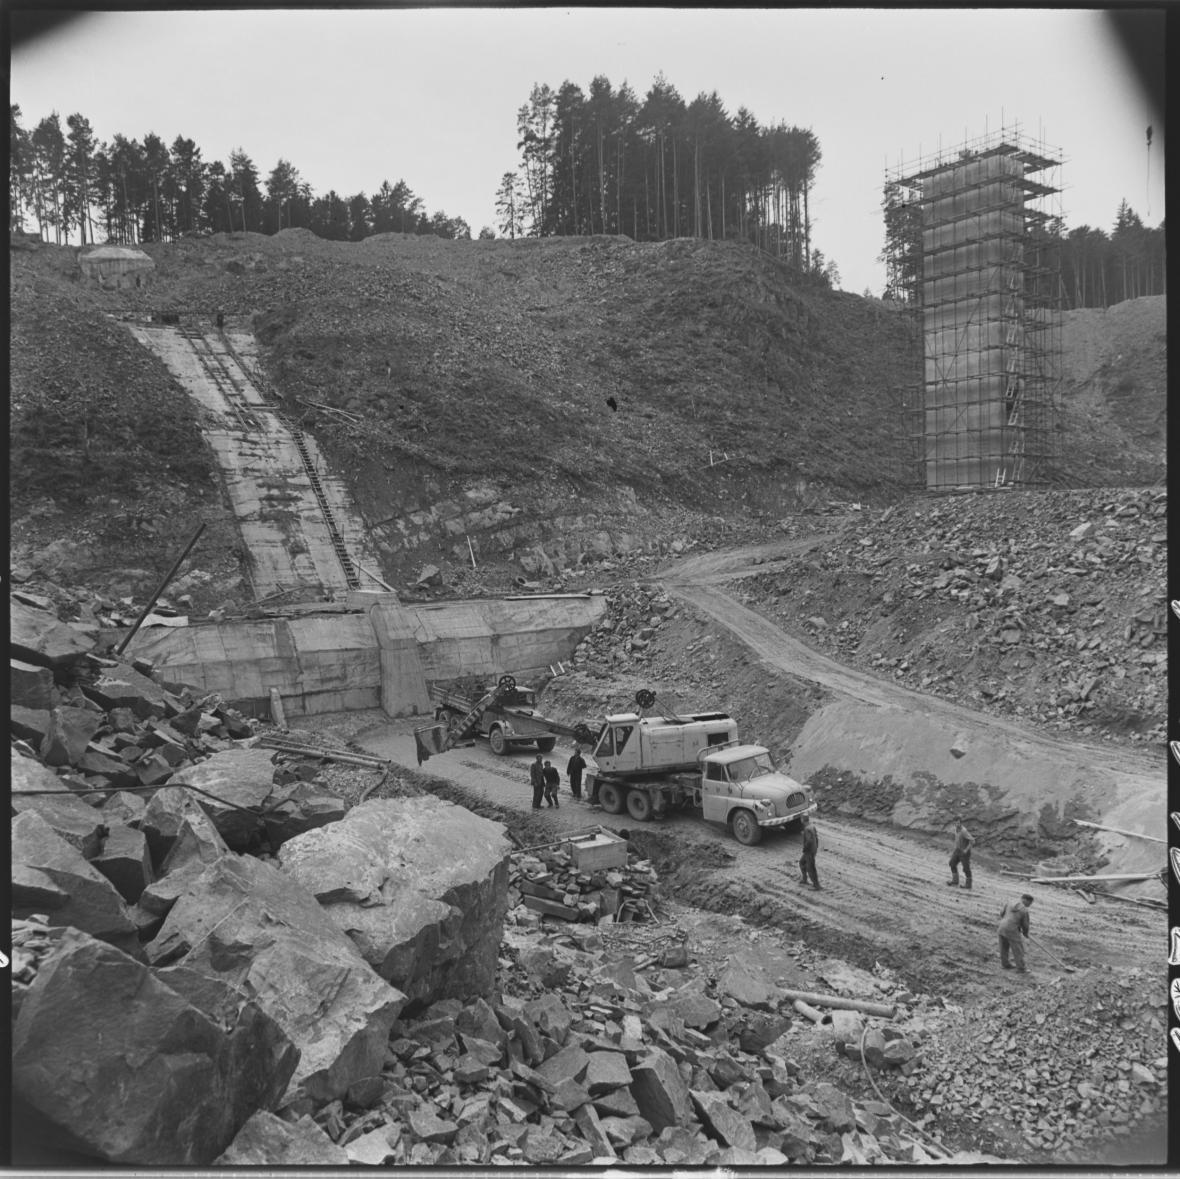 Na stavbě vodní nádrže na Malé Hané u Opatovic na Vyškovsku dokončili dělníci v roce 1972 práce na hlavních objektech celé přehrady, především na odběrné věži vody z vlastní nádrže, vlastní sypané hrázi, skluzu a vývaru vody